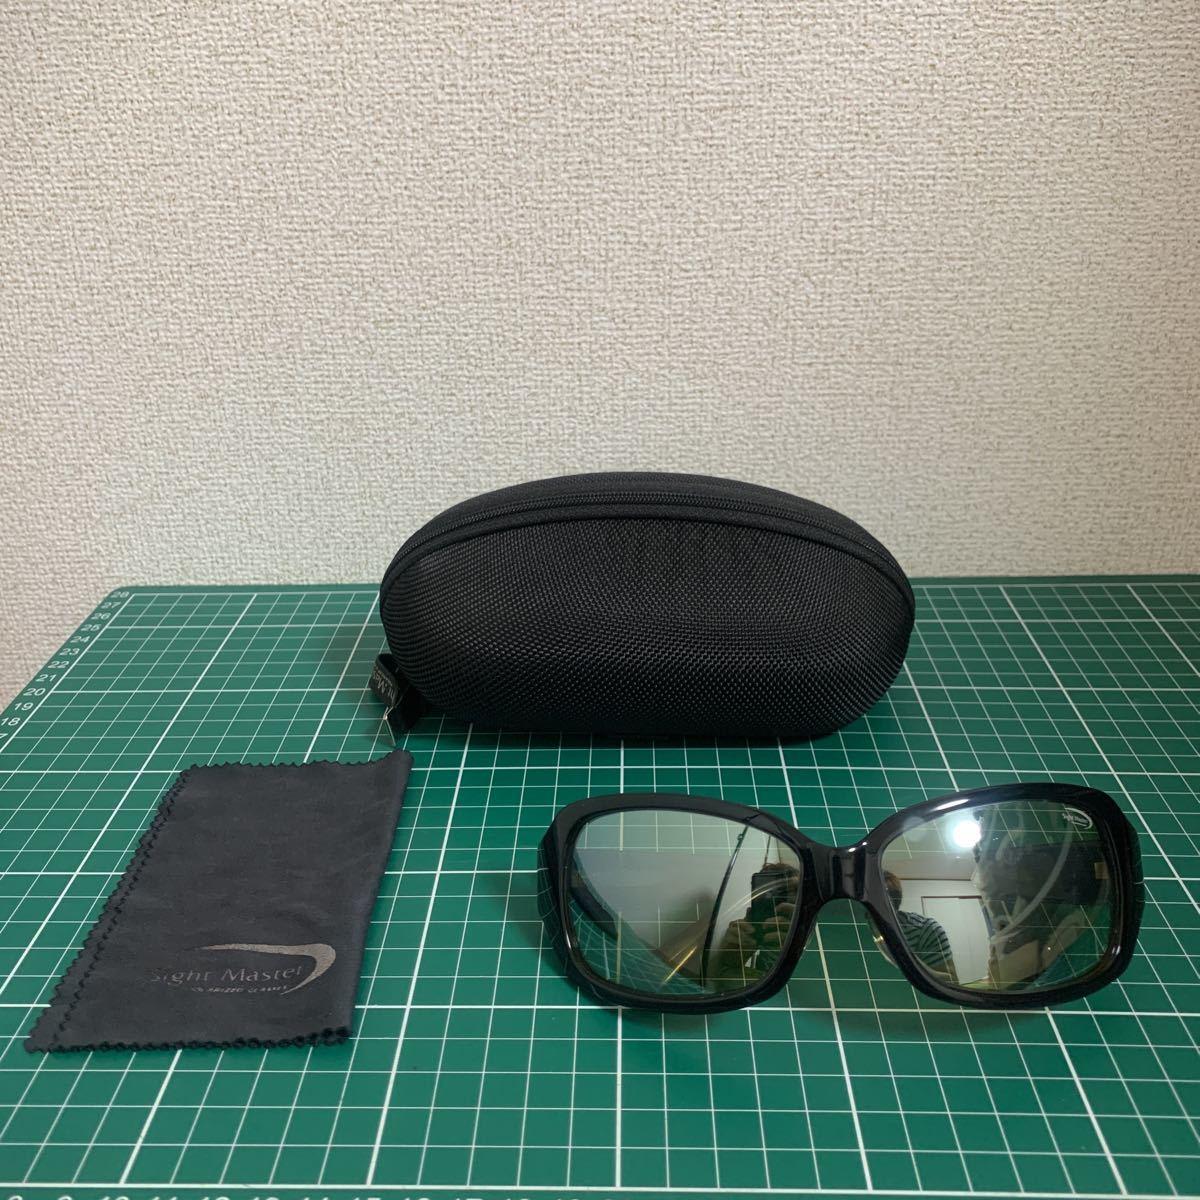 ティムコ サイトマスター セブンツーブルーPRO 青木大介モデル シルバーミラー・イーズグリーン 偏光サングラス